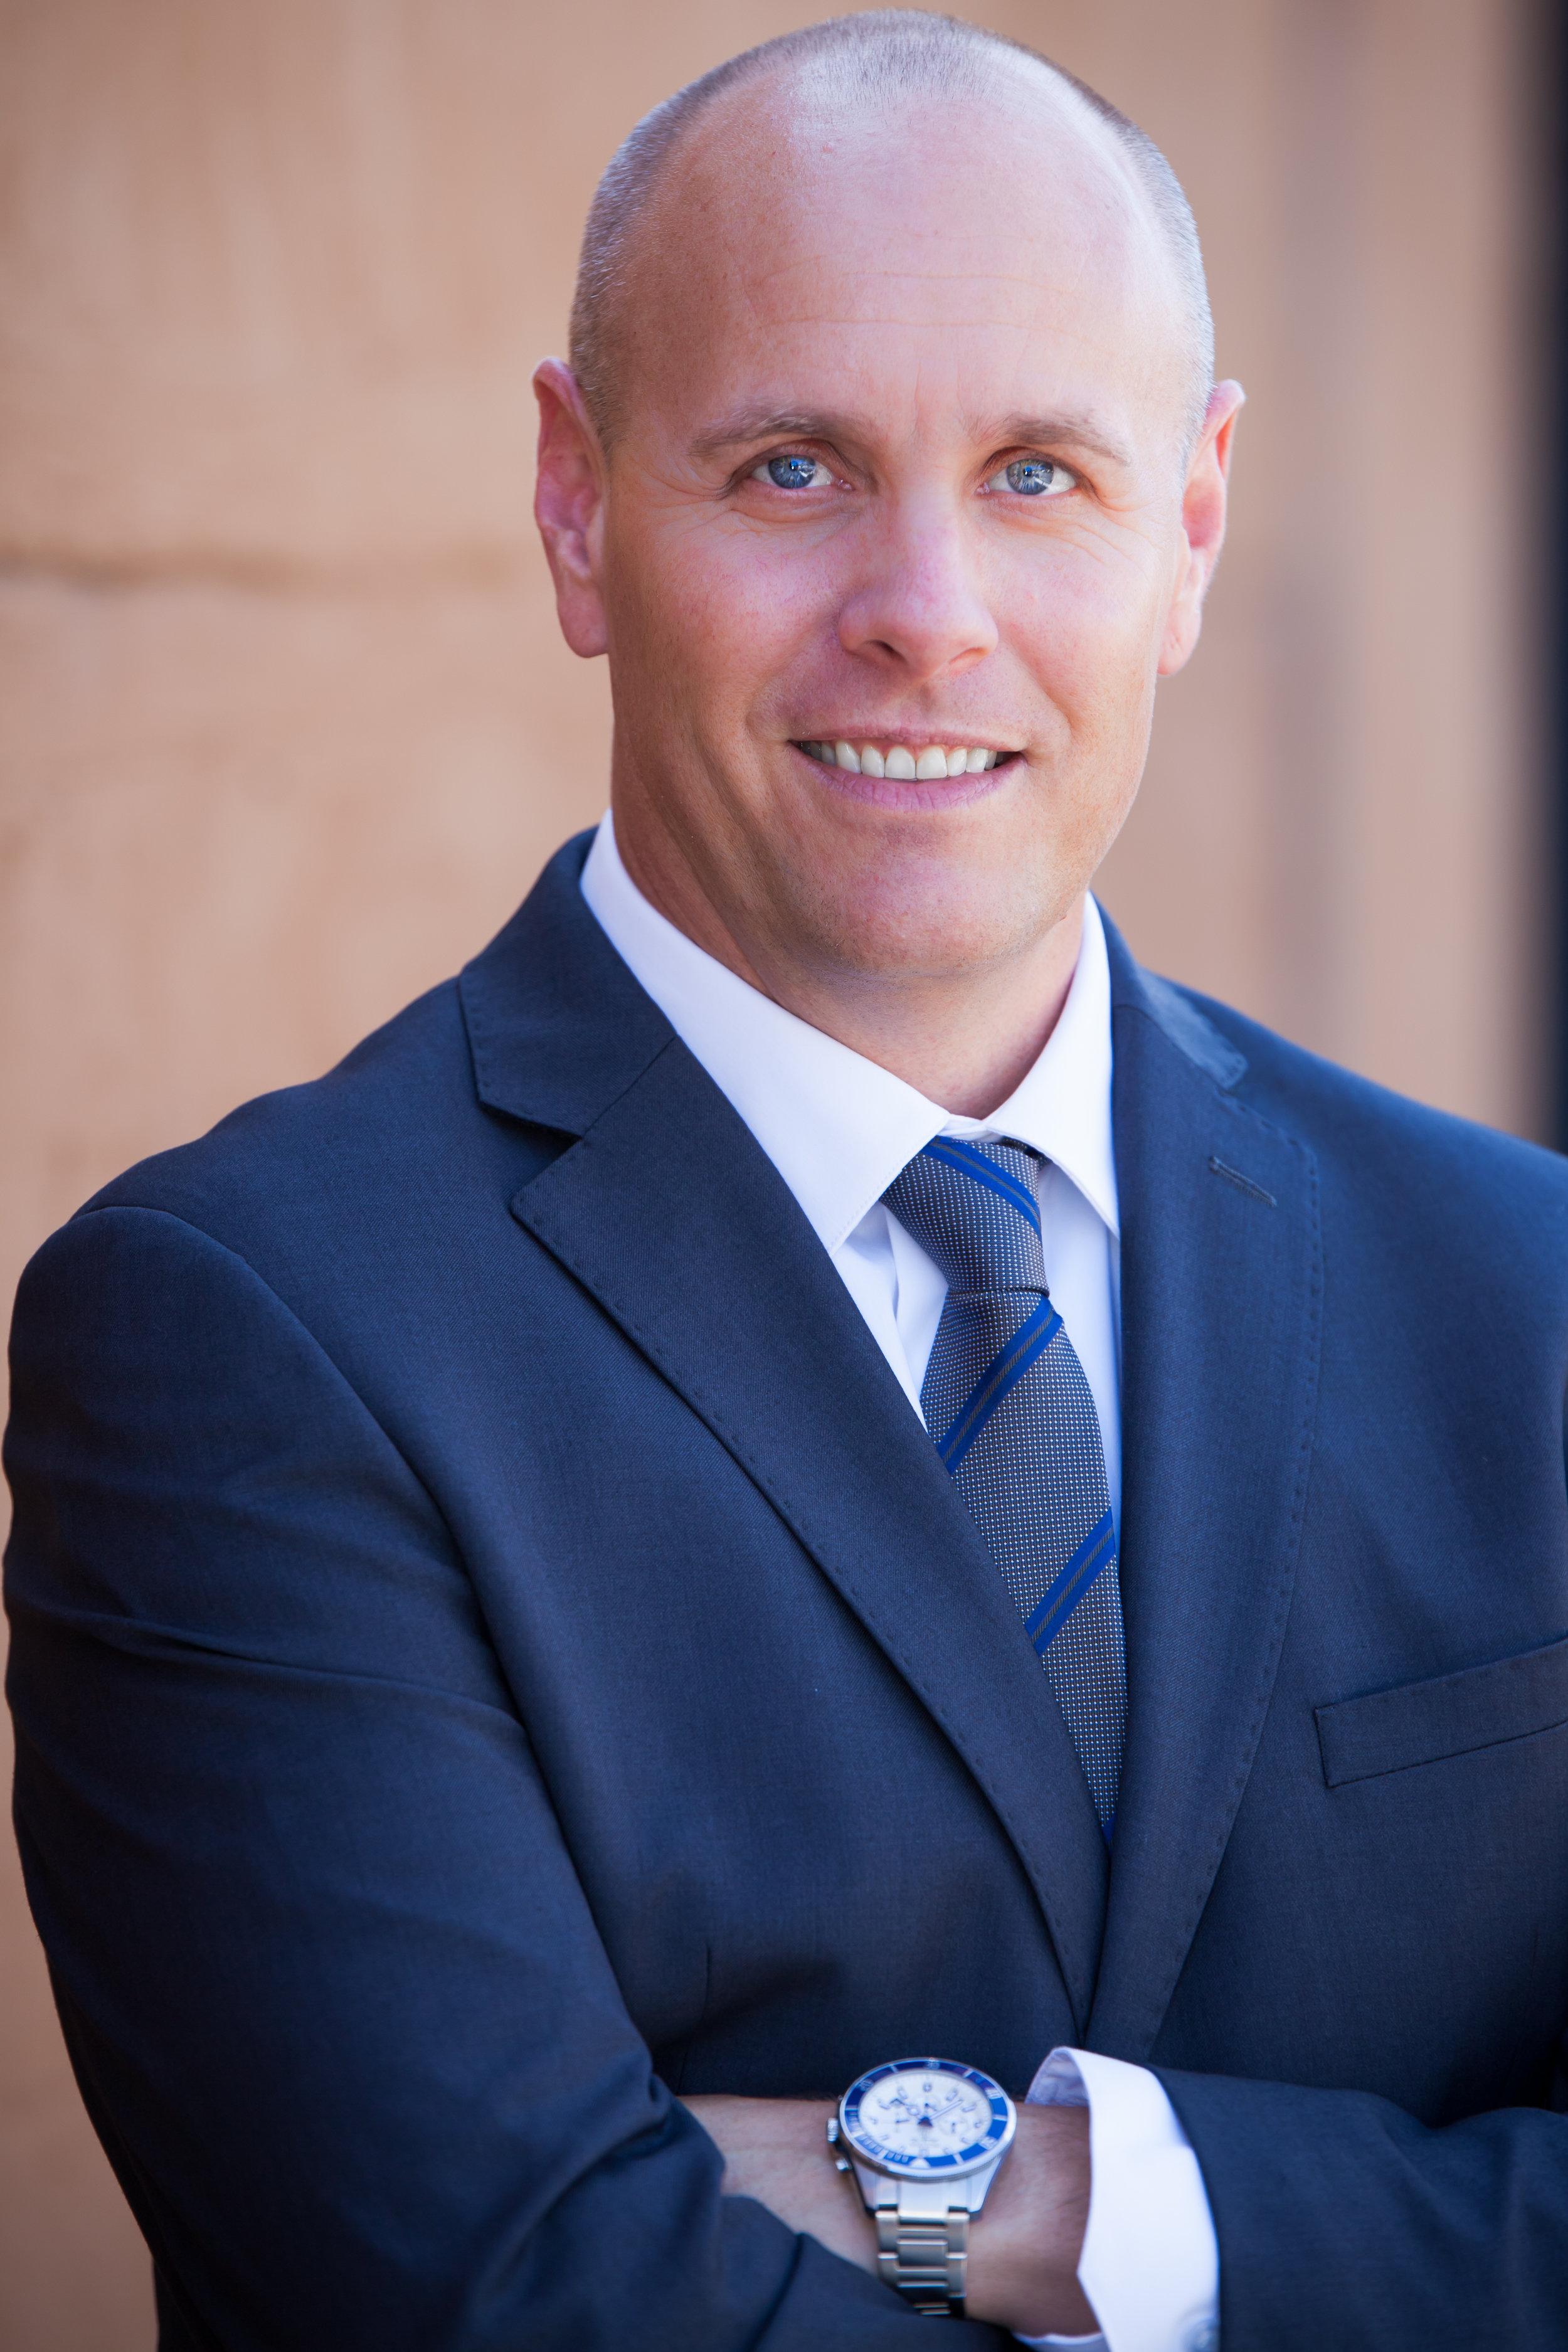 Joel Larabee Employment Attorney in San Diego.